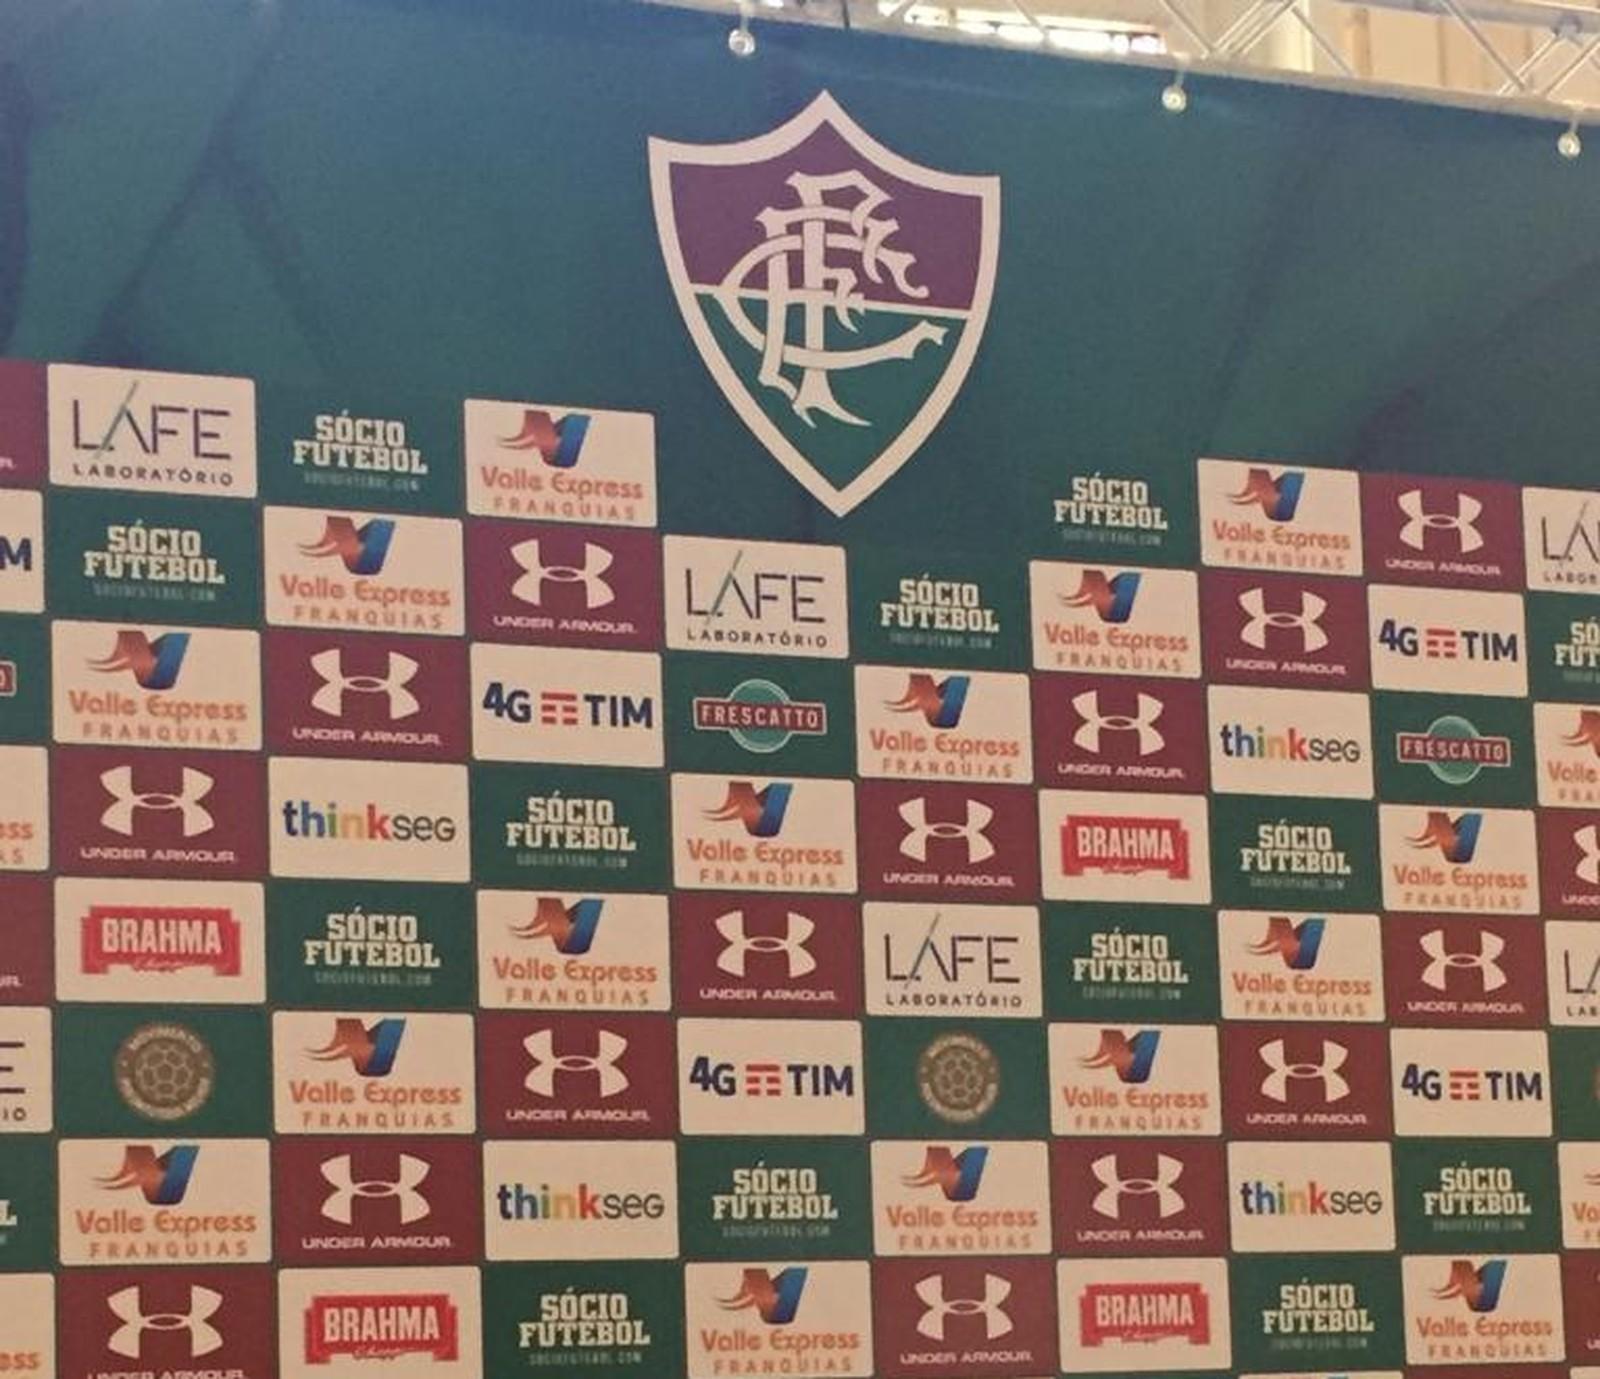 95ea4641b500e O Fluminense anunciou nesta sexta-feira seu novo patrocinador master.  Trata-se da empresa Valle Express